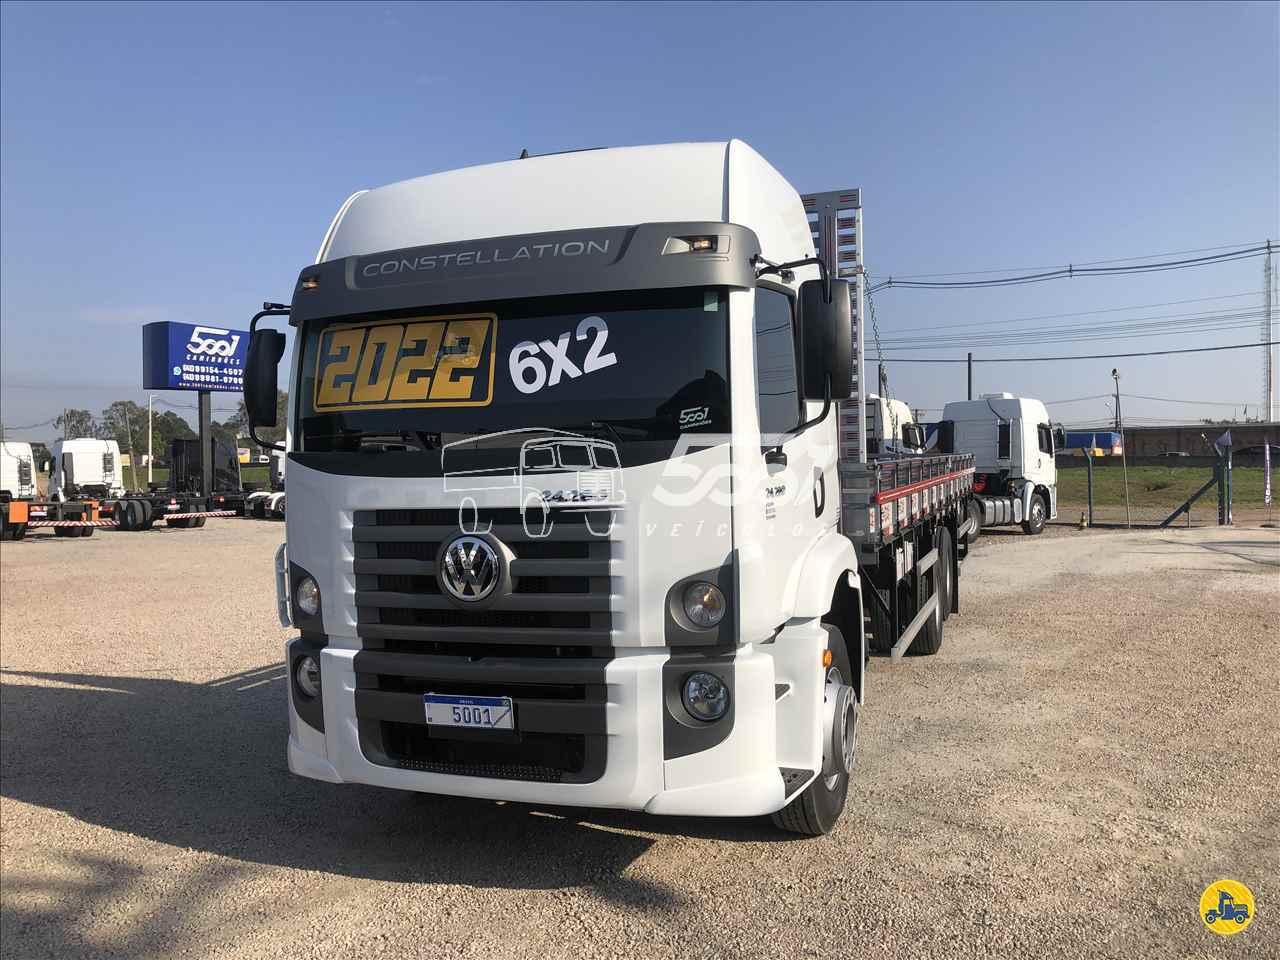 CAMINHAO VOLKSWAGEN VW 24280 Carga Seca Truck 6x2 5001 Veículos - São José dos Pinhais SAO JOSE DOS PINHAIS PARANÁ PR